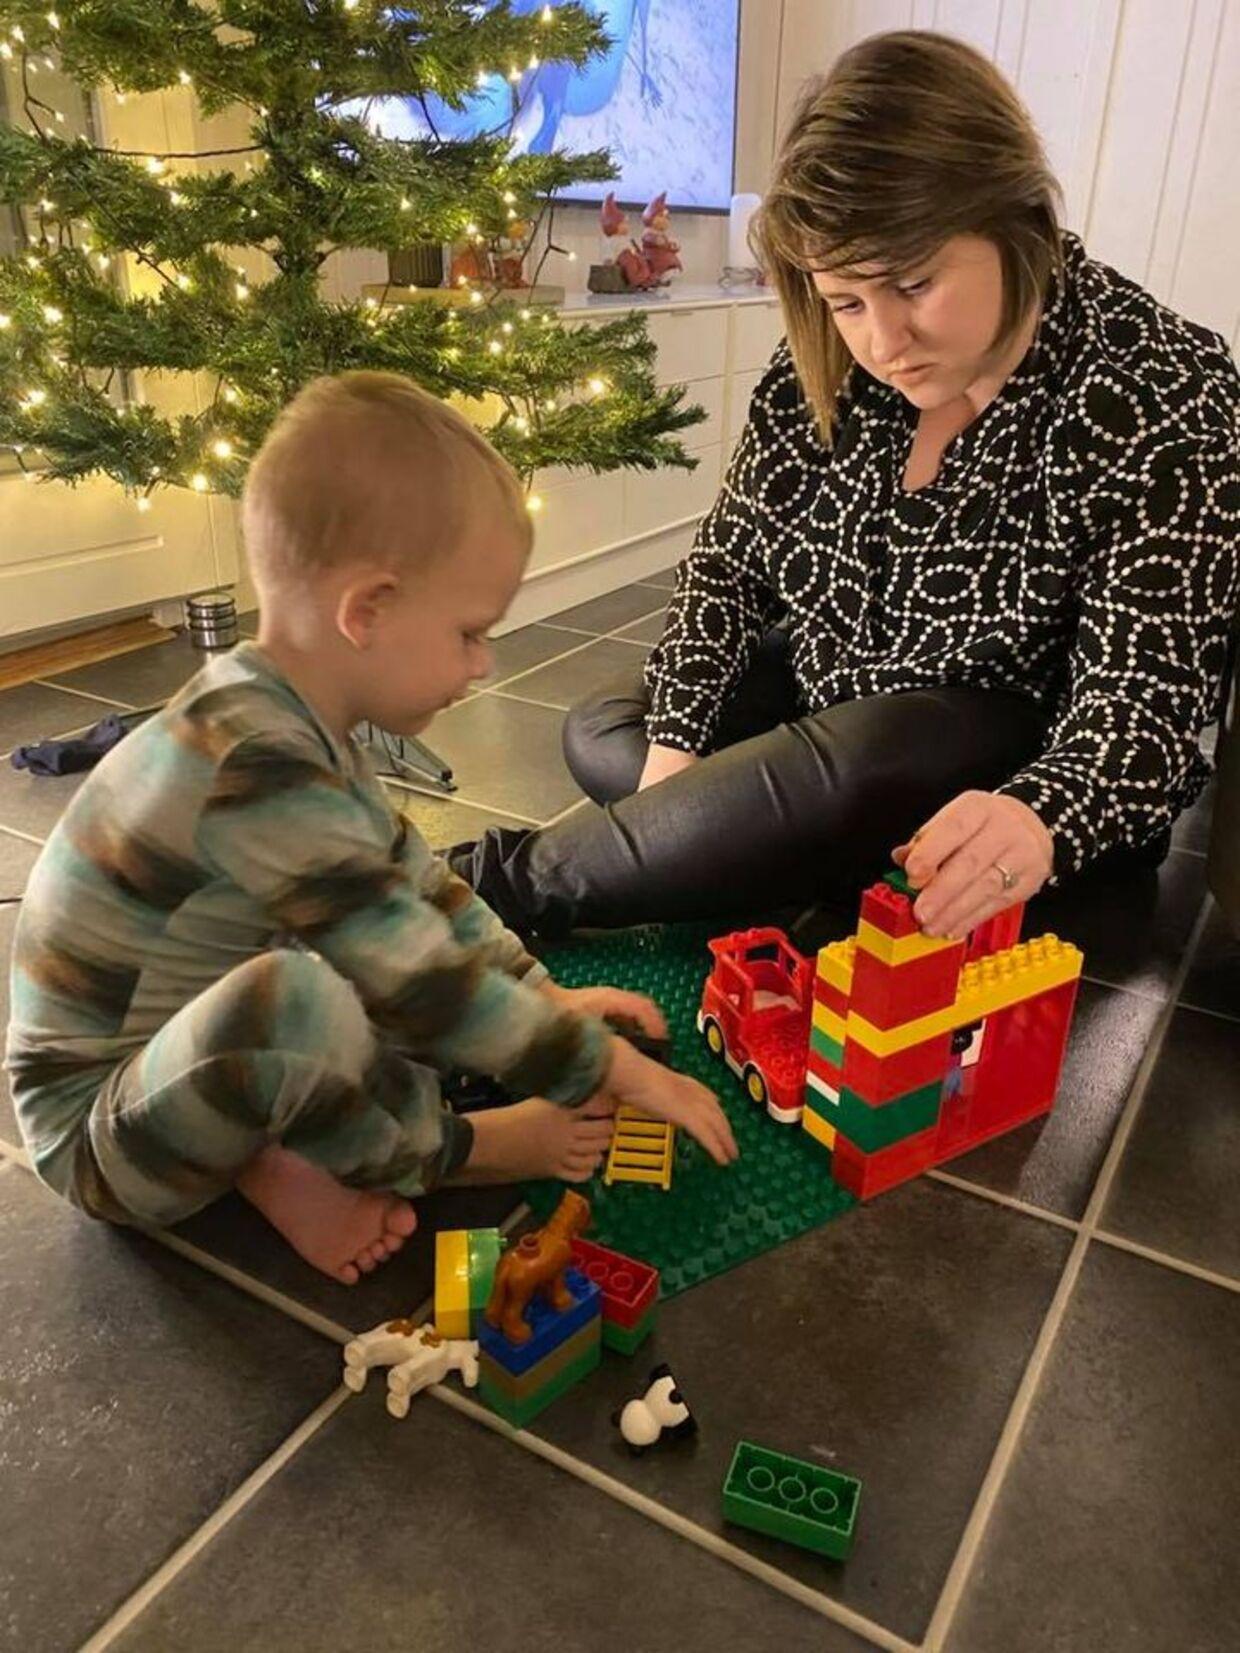 Det blev over to ugers mareridt, da Josefine Lensvolds søn fik skoldkopper som 1-årig. Privatfoto.